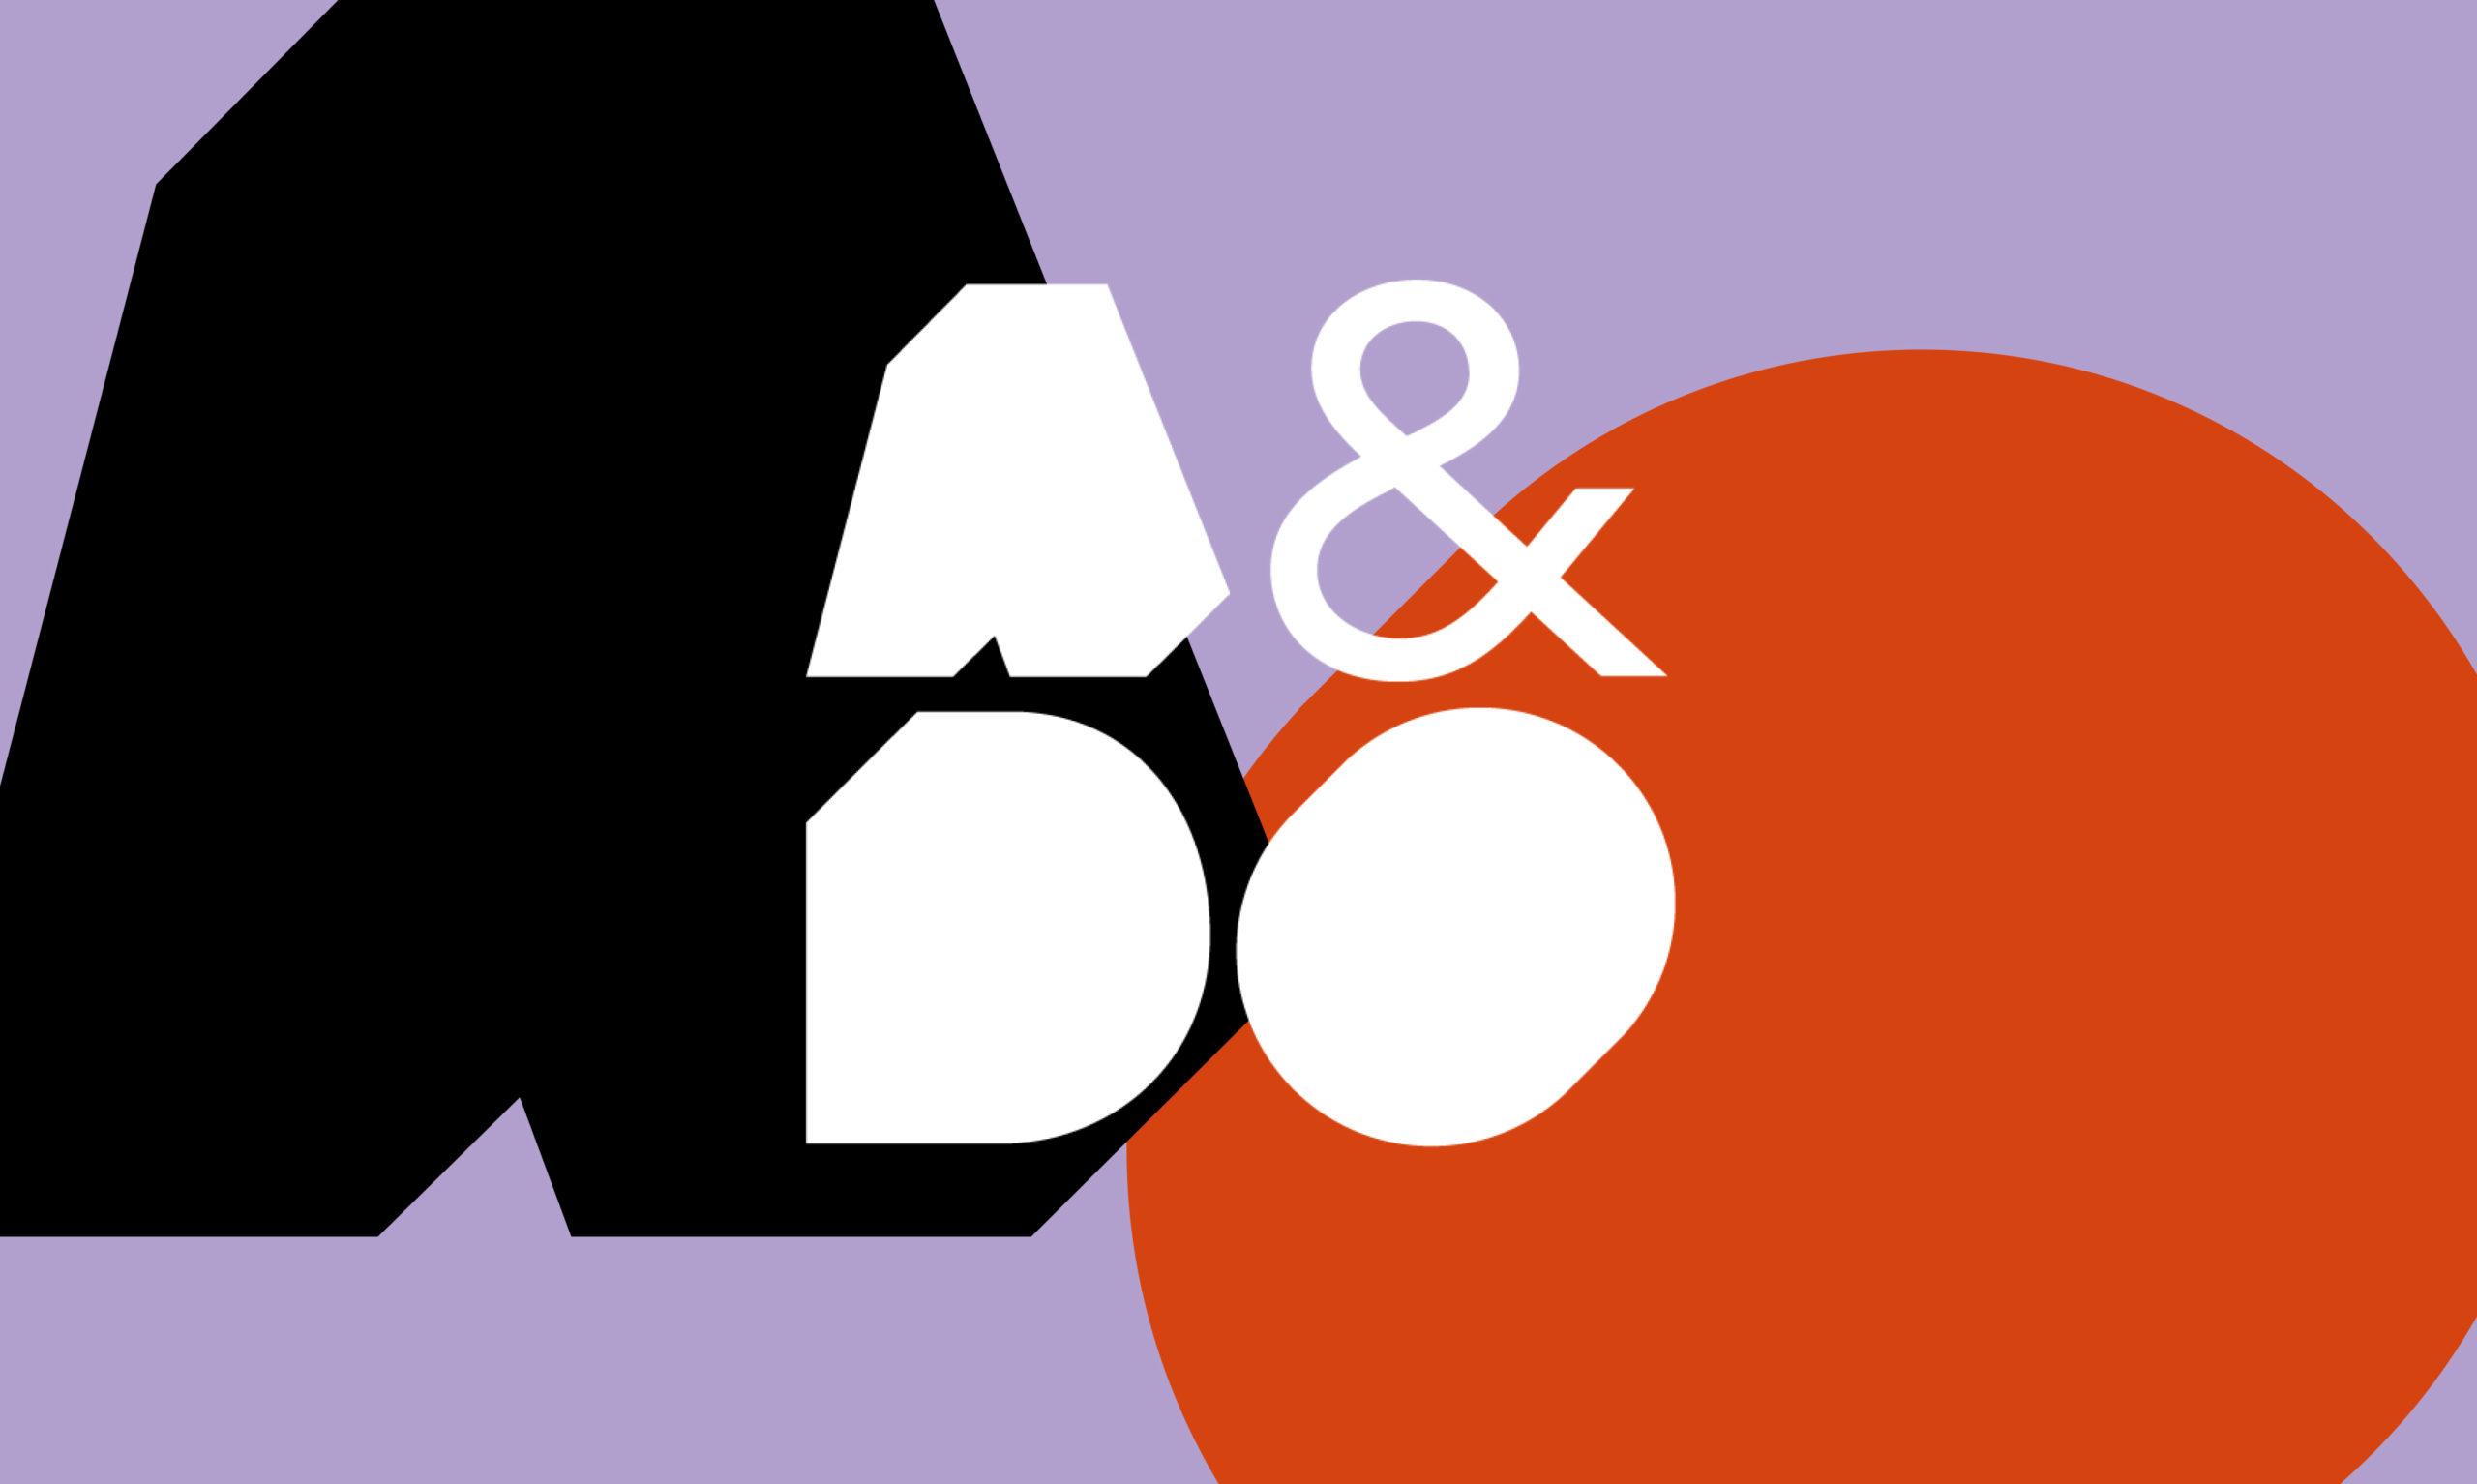 A&Do Arkkitehtuurin ja muotoilun oppimisen keskuksen logo värillisellä taustalla